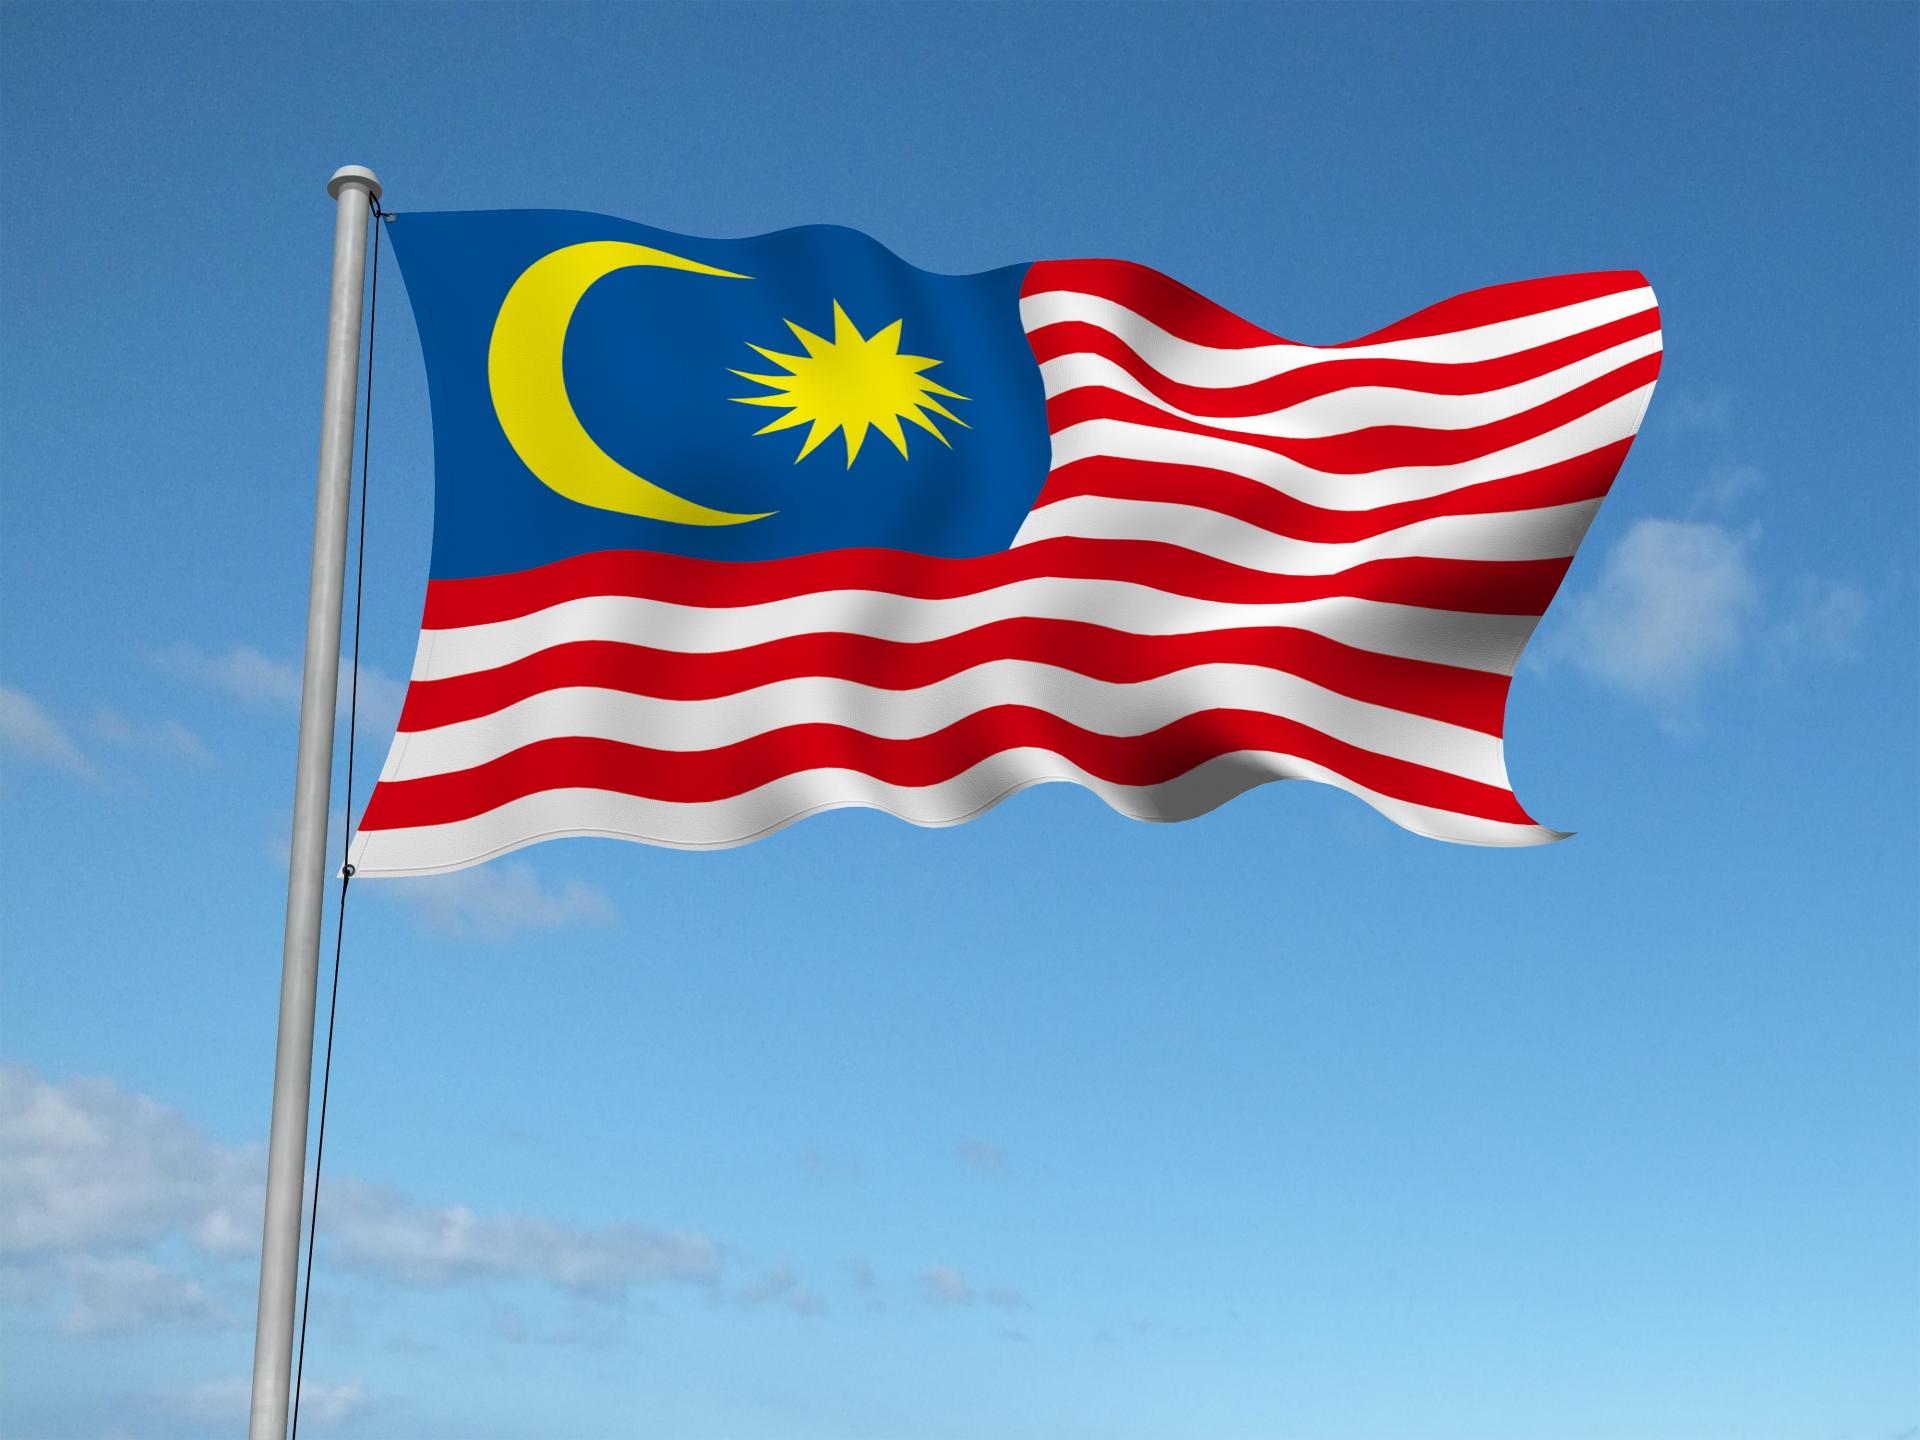 マレーシア旅行で行きたいおすすめの観光地をご紹介!名物や見どころは?